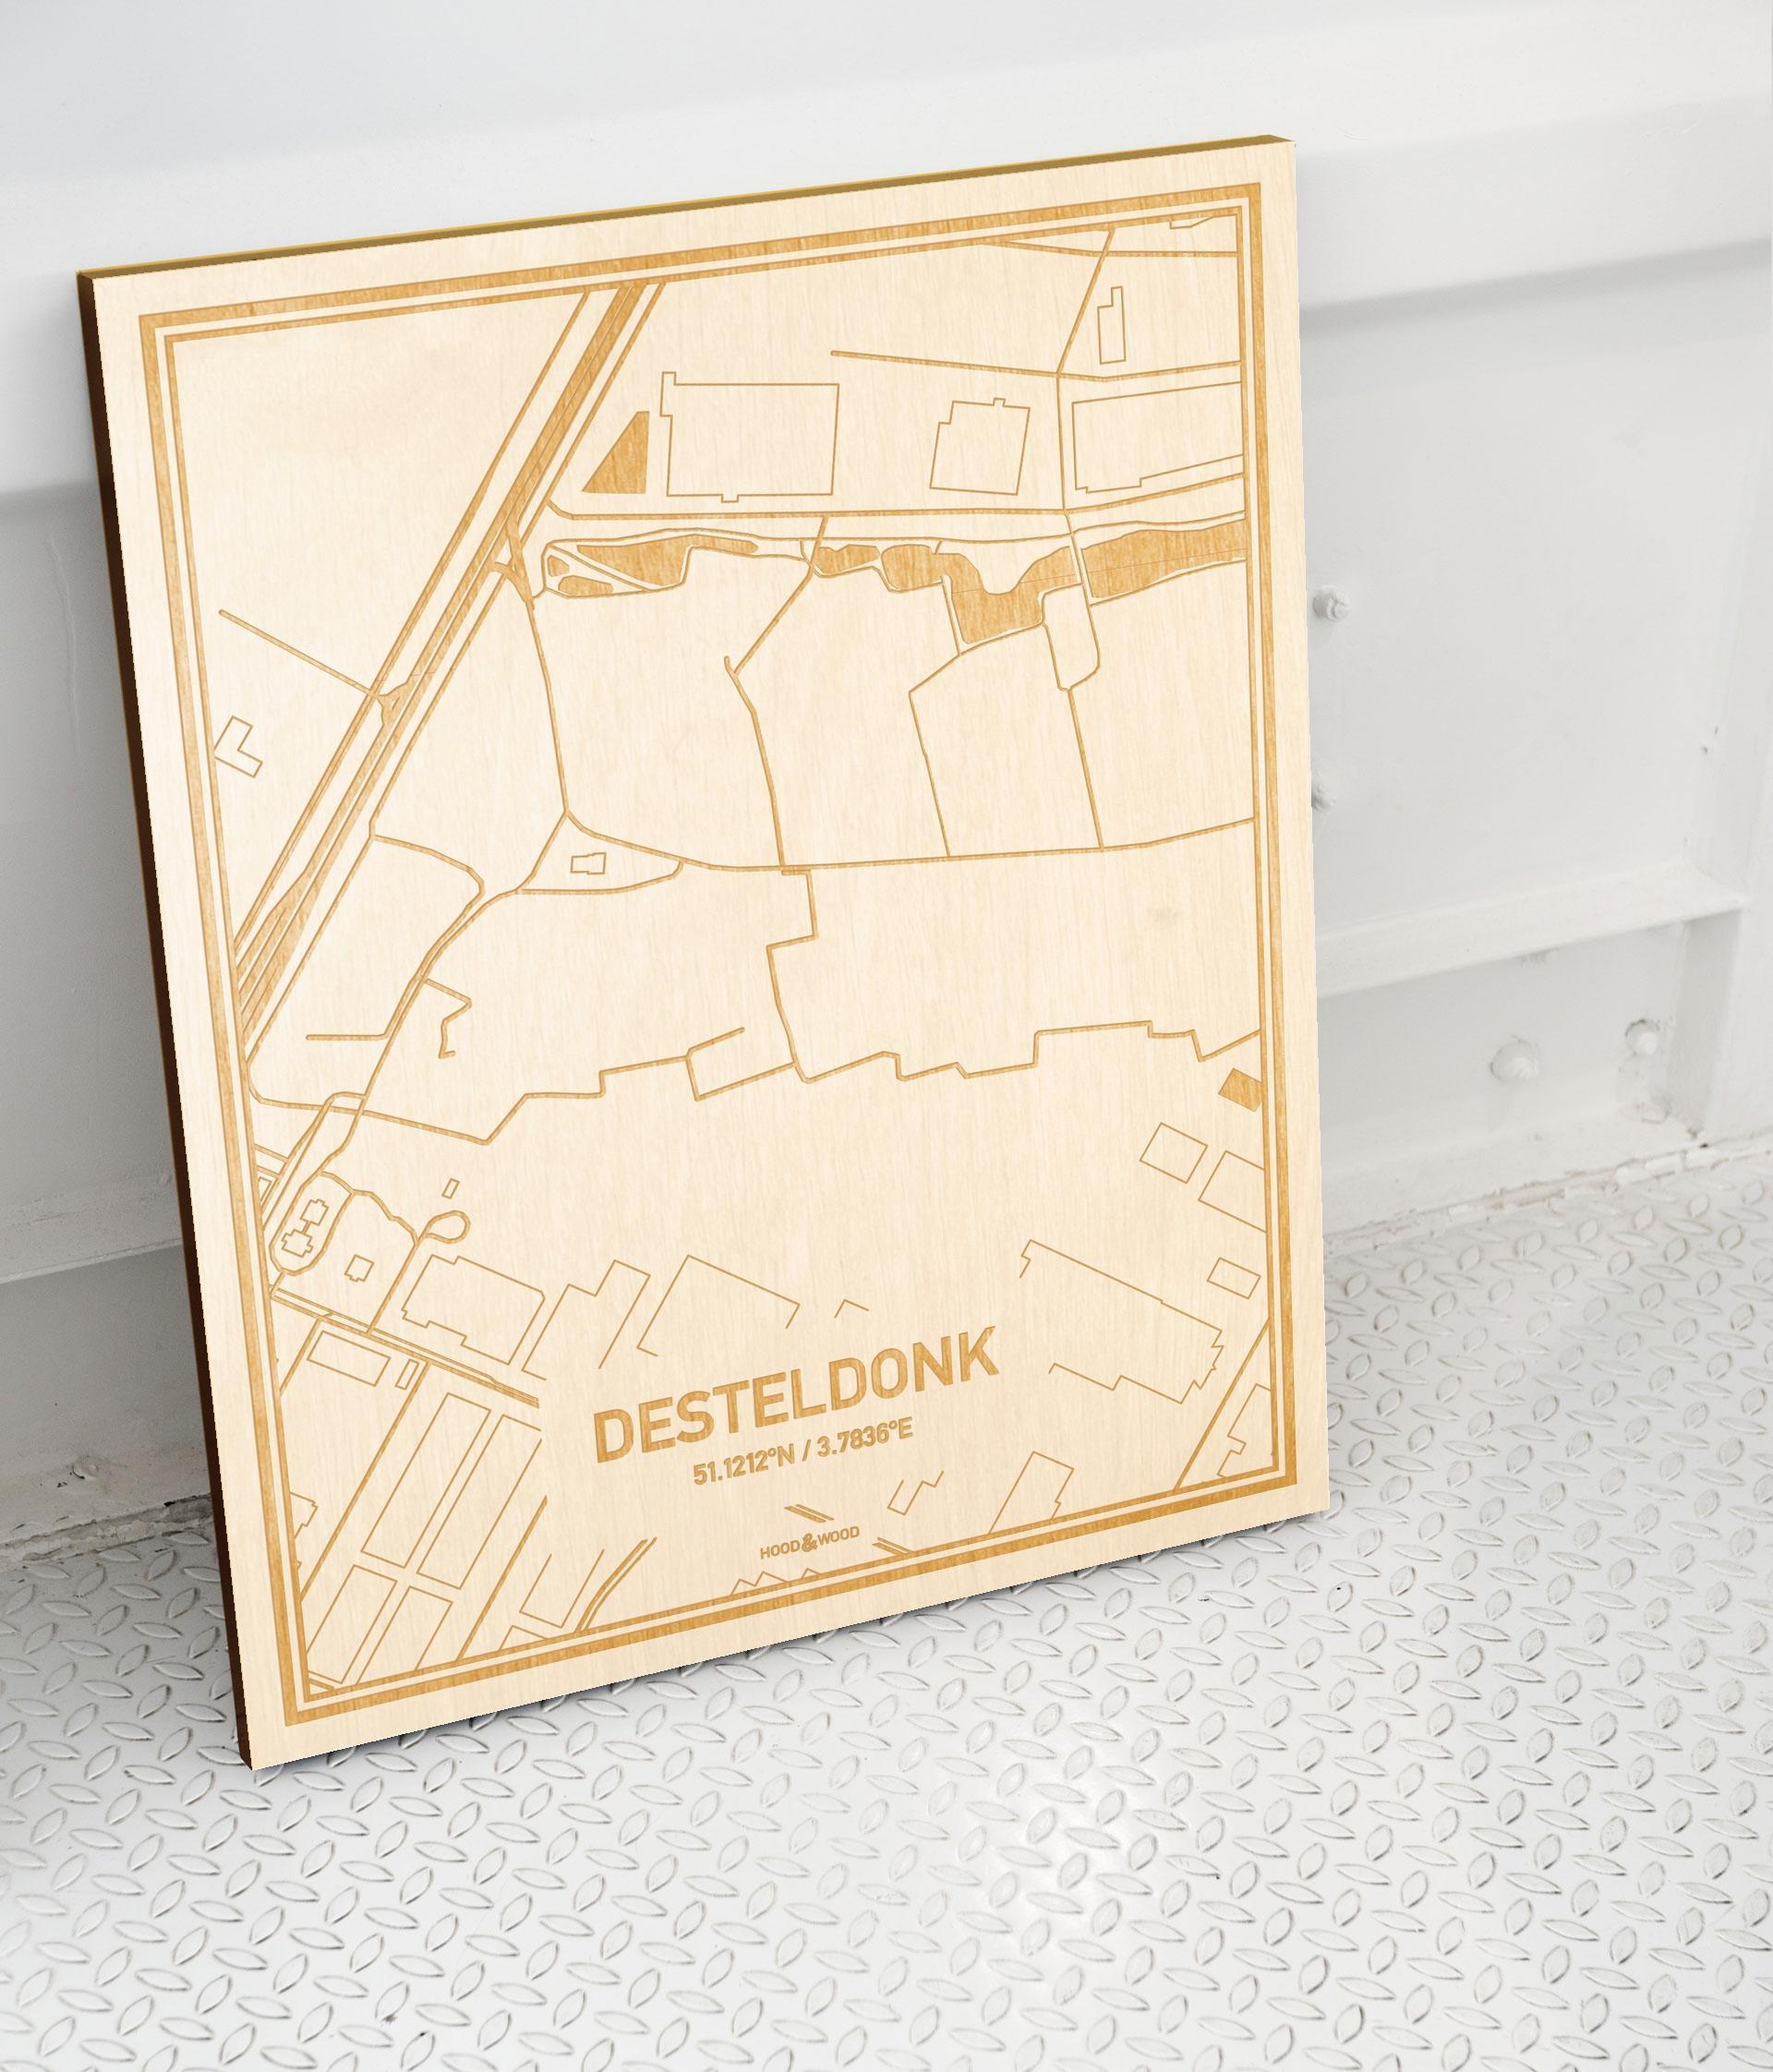 Plattegrond Desteldonk als prachtige houten wanddecoratie. Het warme hout contrasteert mooi met de witte muur.